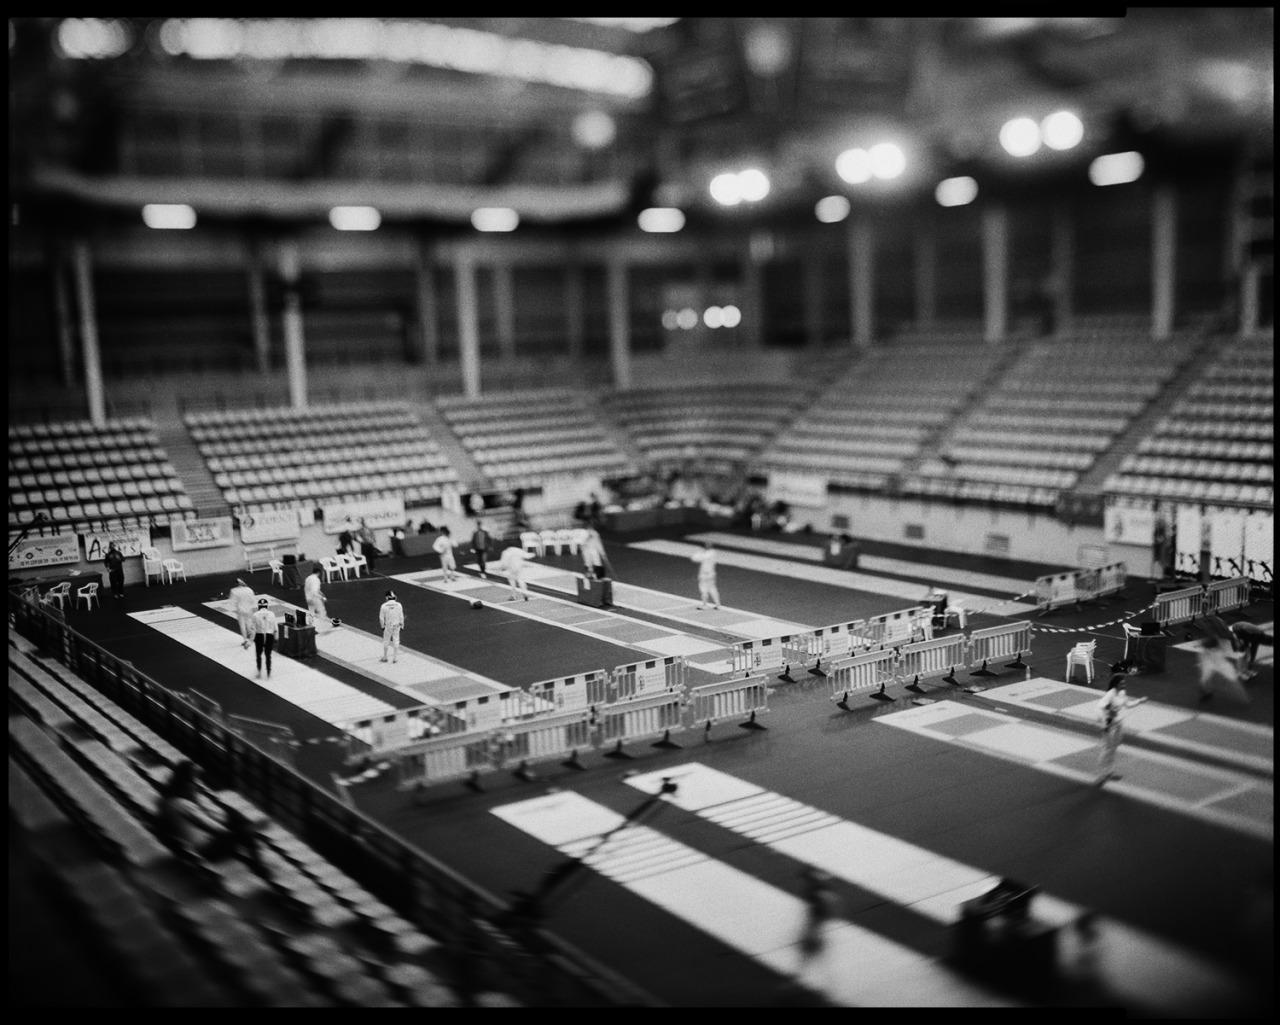 """Campeonato de España de Esgrima Sub-20, Torrejón de Ardoz.  Graflex Speed Graphic 4x5"""" & Kodak Ektar 127mm f4,7   www.oscararribas.com"""